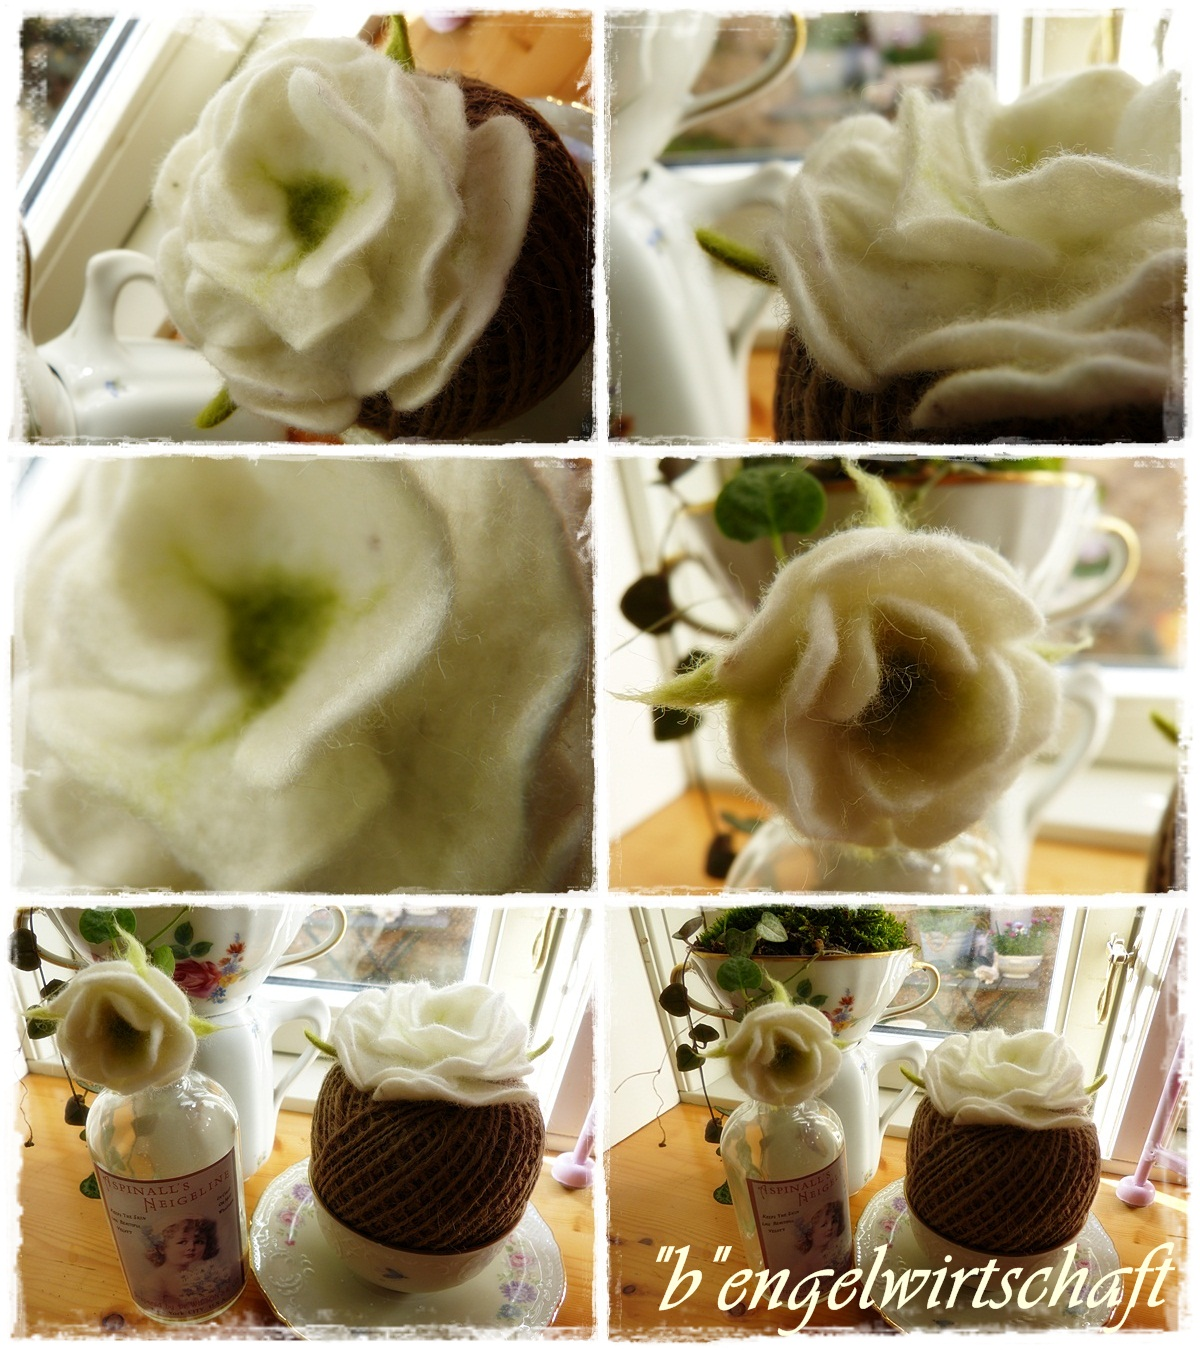 b engelwirtschaft eine rose ist eine rose ist eine. Black Bedroom Furniture Sets. Home Design Ideas